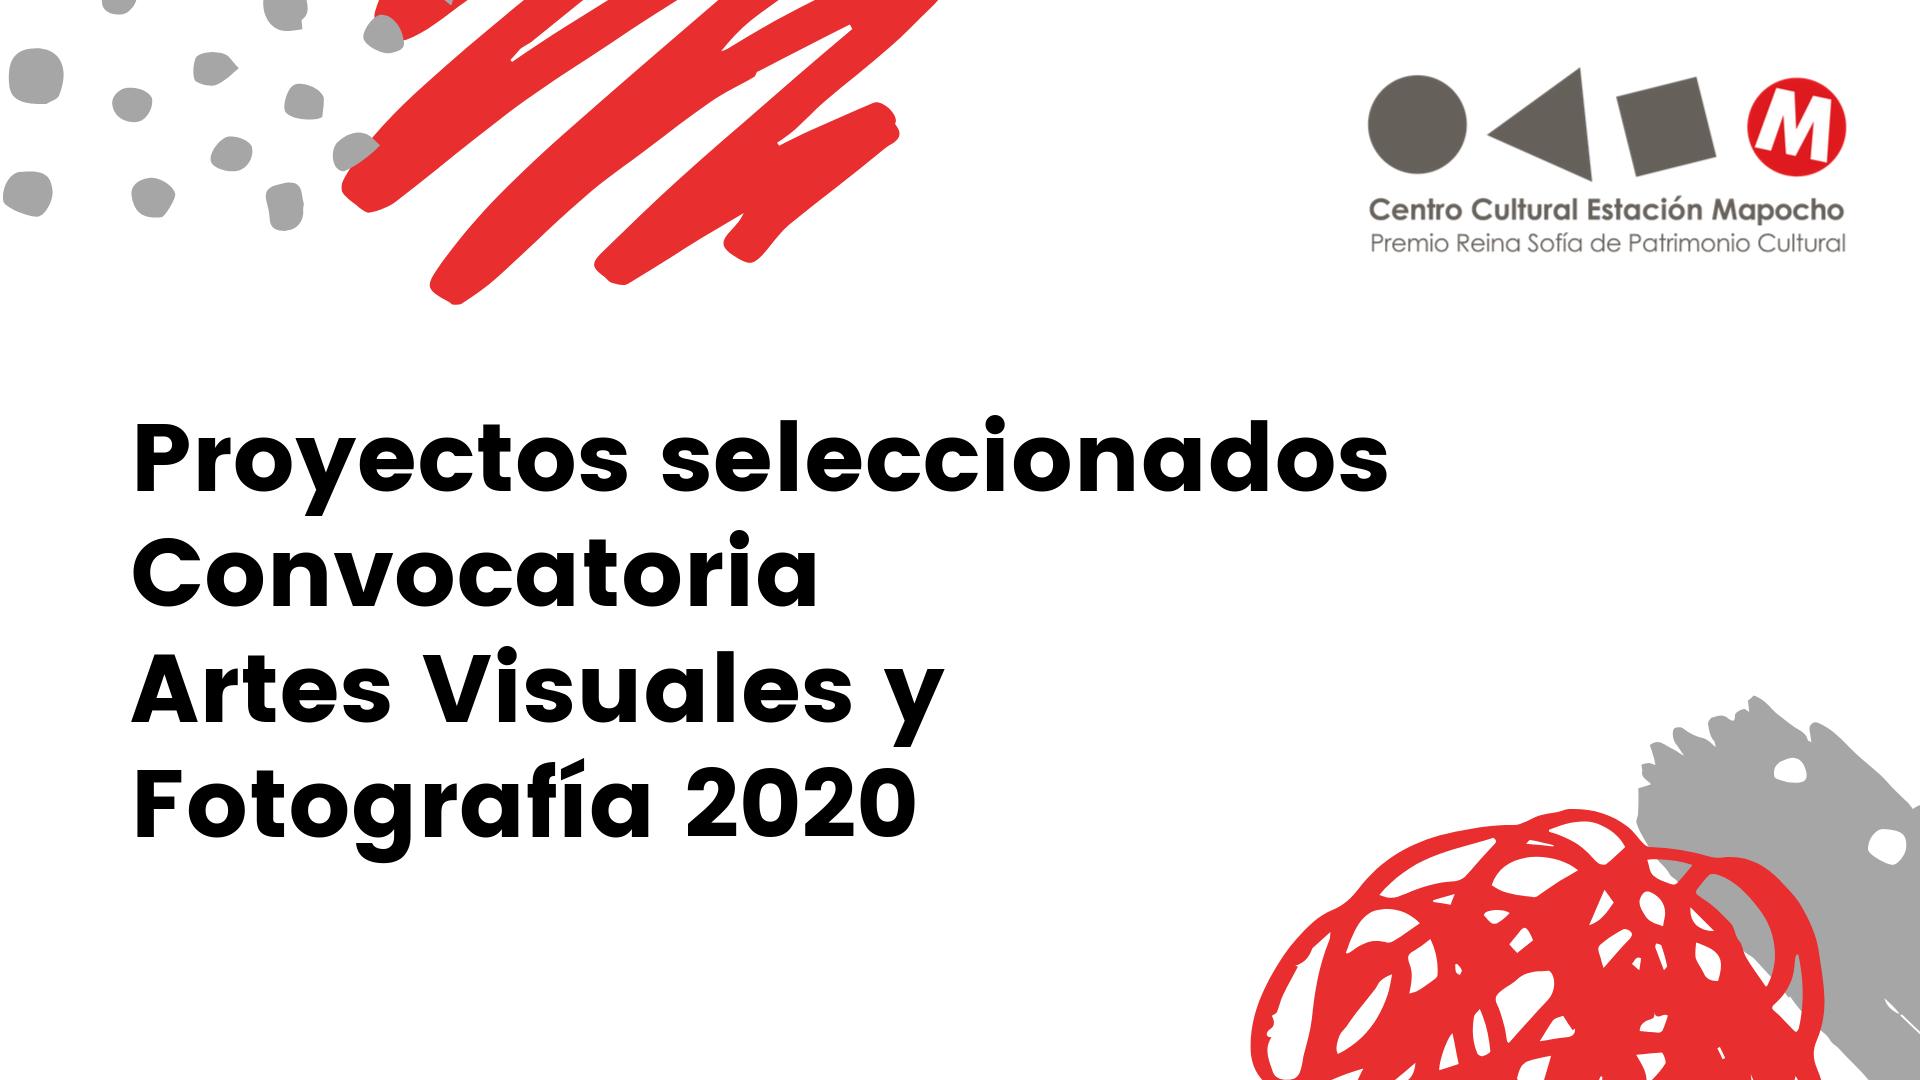 Proyectos seleccionados Convocatoria Artes Visuales y Fotografía 2020